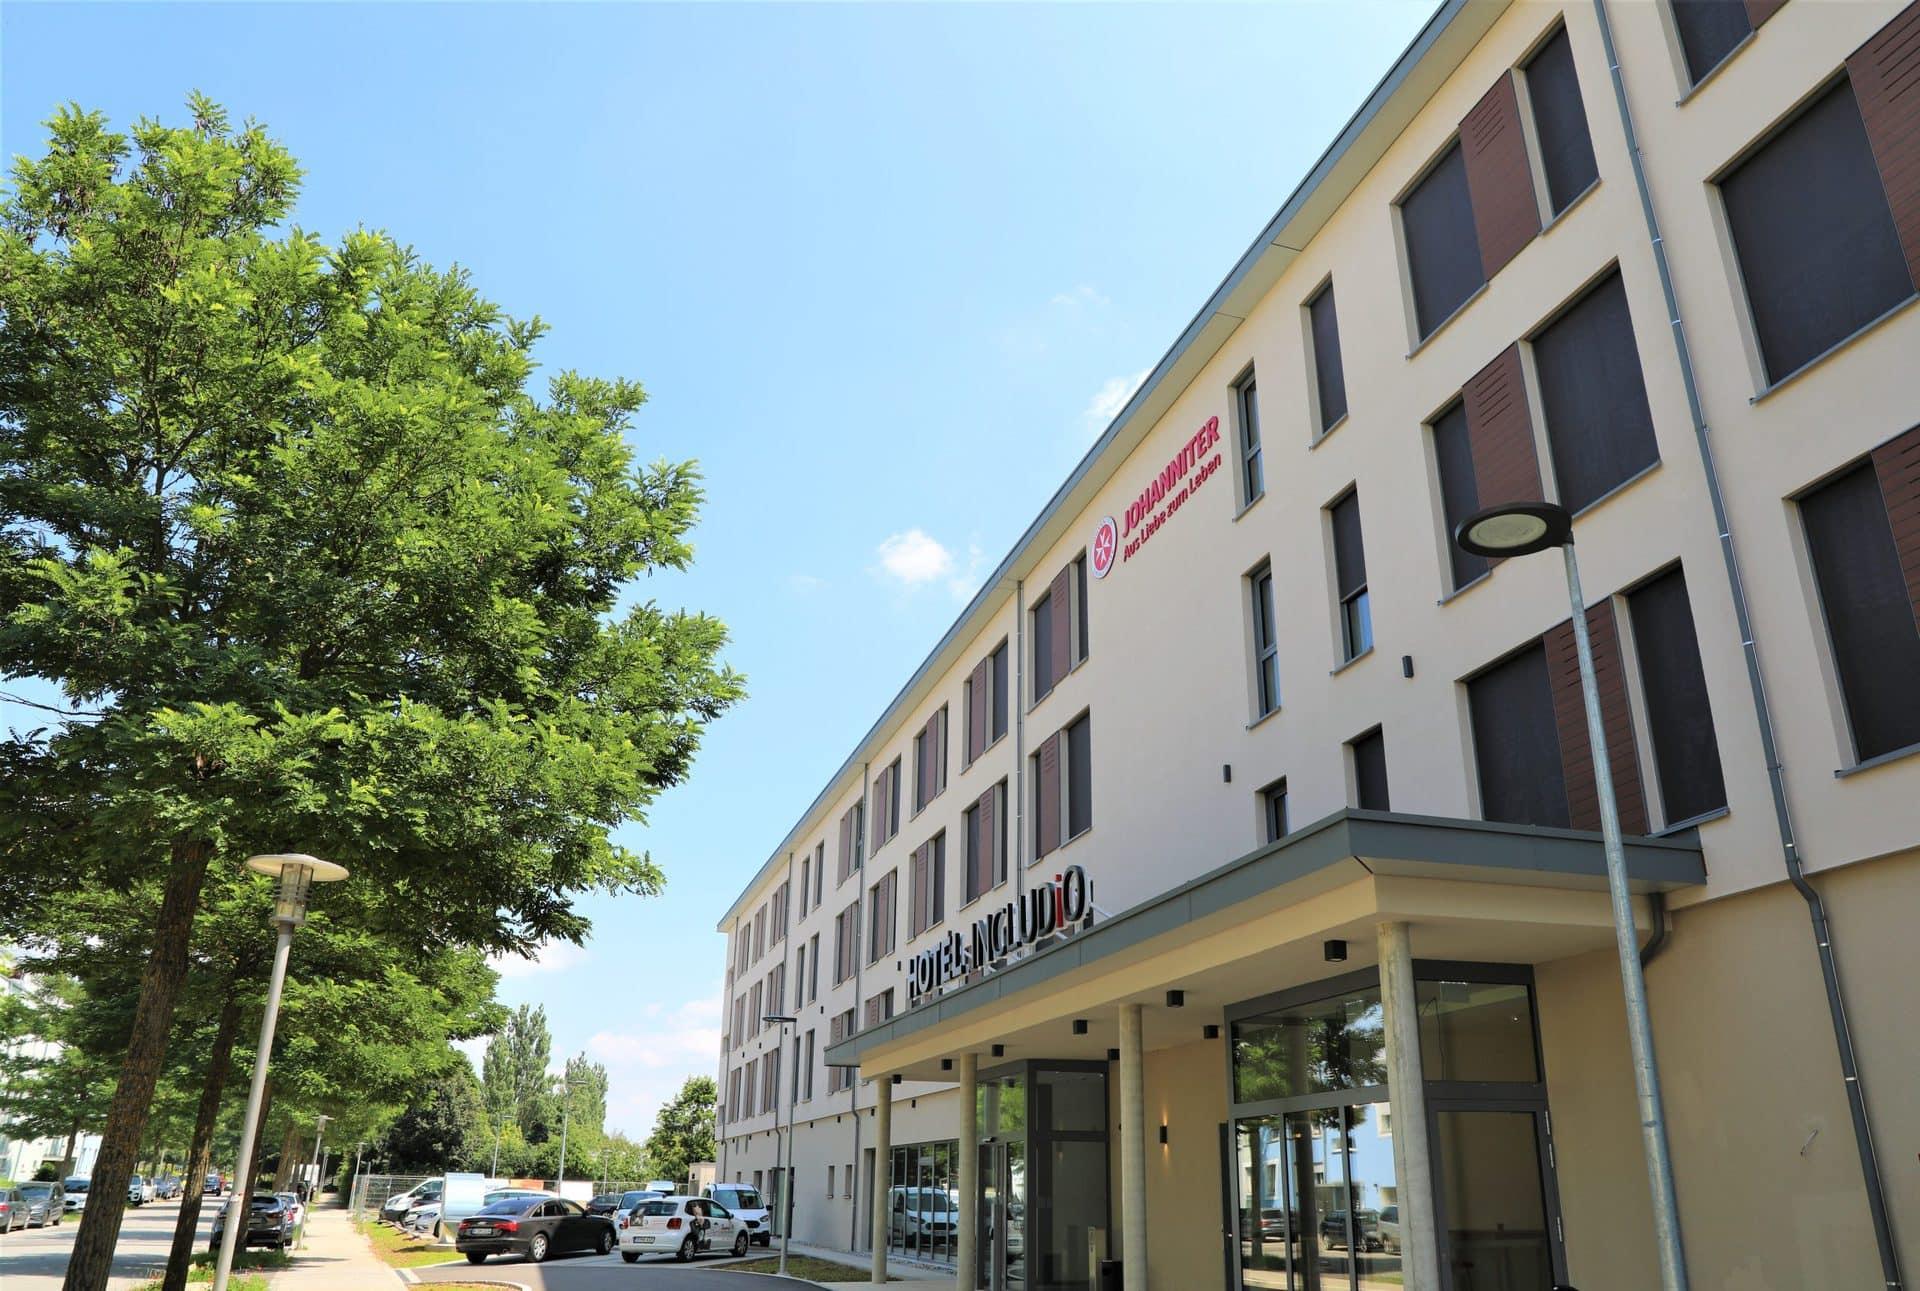 INCLUDiO eröffnet Das neue Inklusionshotel der Johanniter heißt die ersten Gäste willkommen